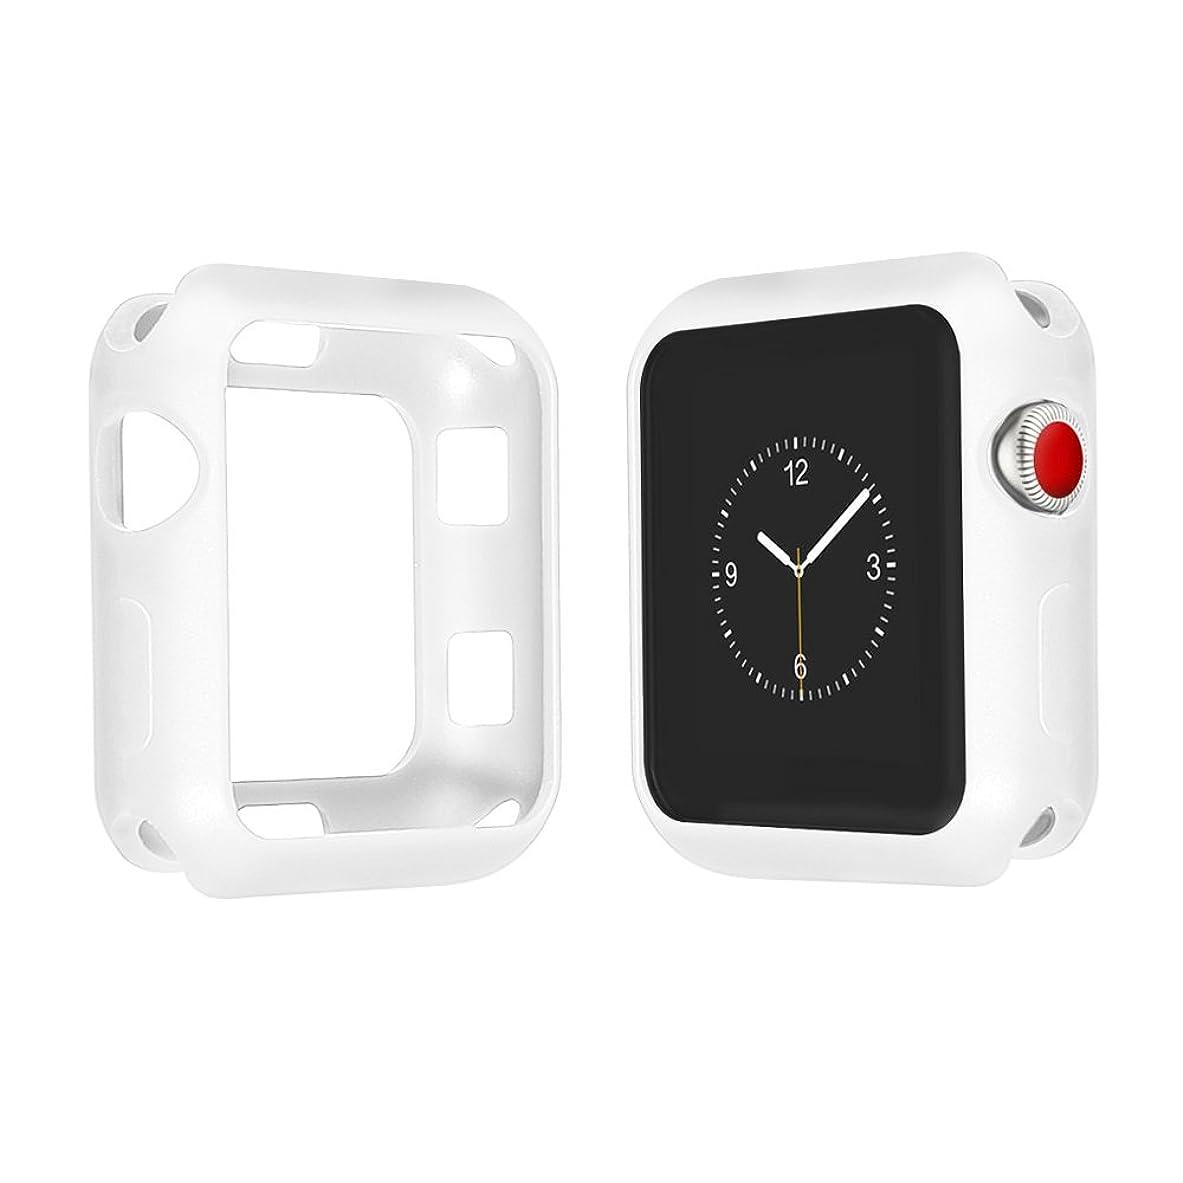 ハブブ不条理無駄だCompatible with Apple Watch Case,ファッションスクラブプロテクターケース42 / 38mmフレームソフトTPUシリコンウォッチカバーシリーズ3 2 1 (38mm, White)